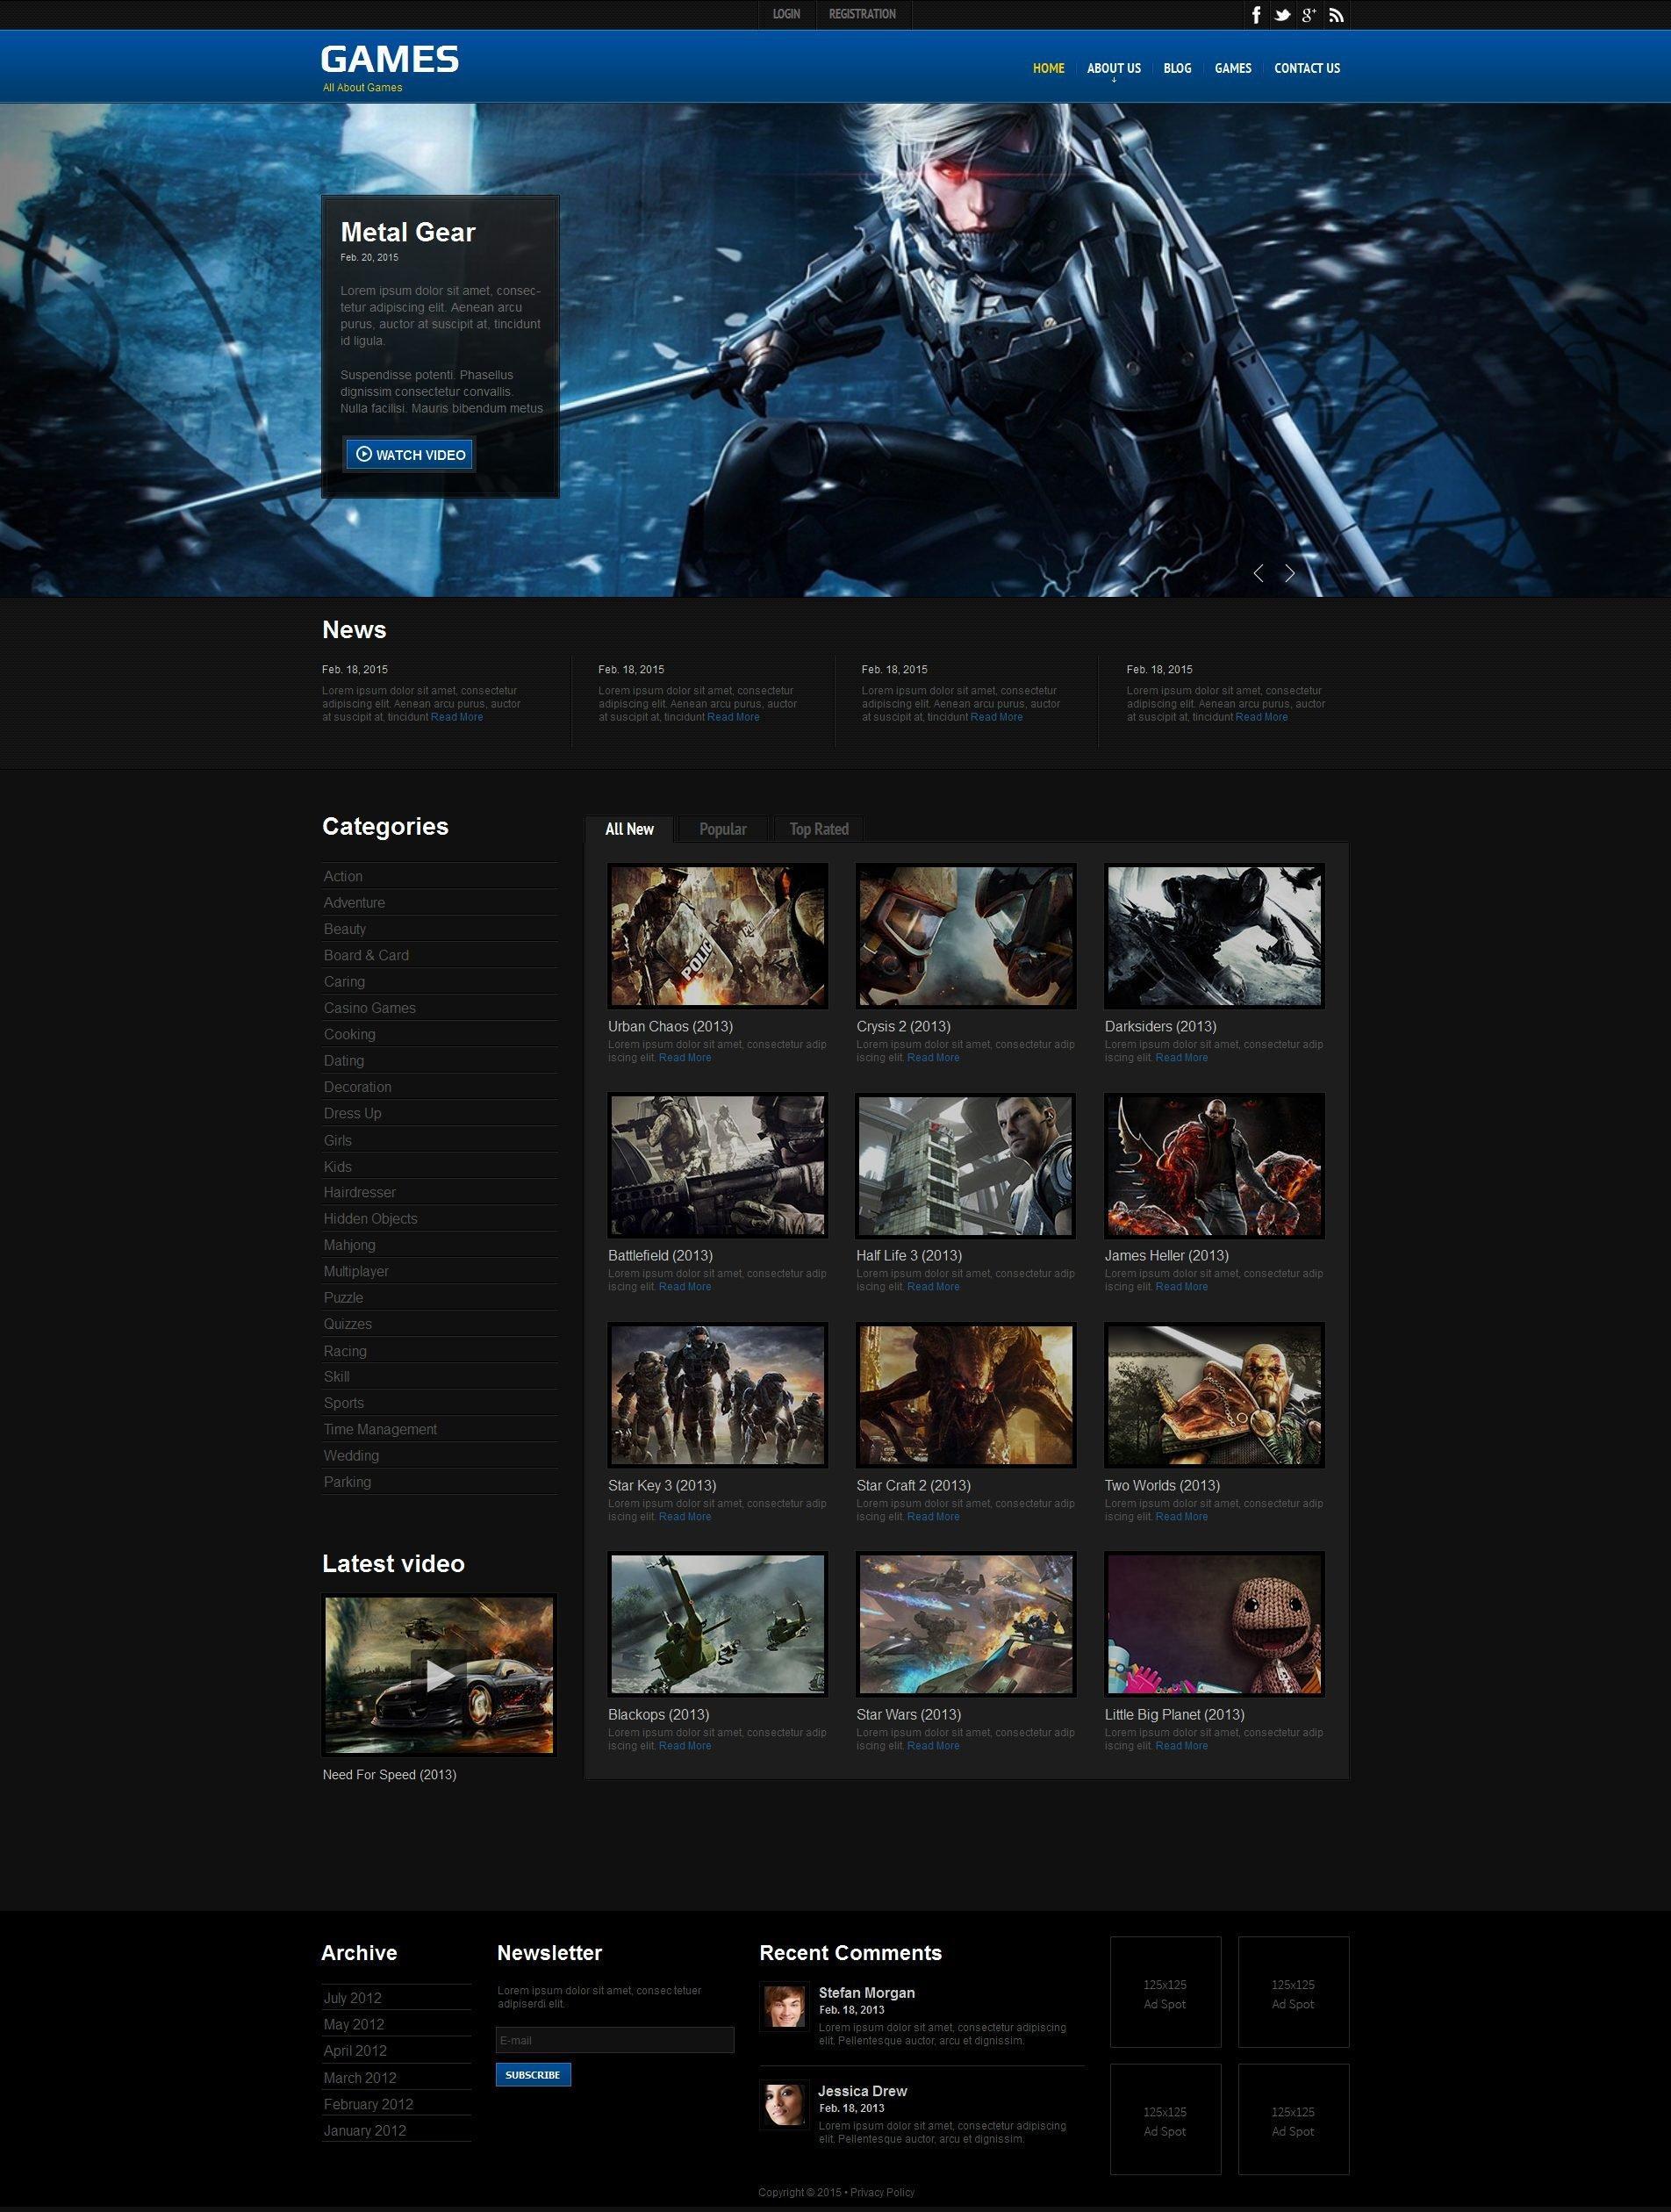 Modèle Moto CMS HTML Premium pour portail de jeux #55660 - screenshot